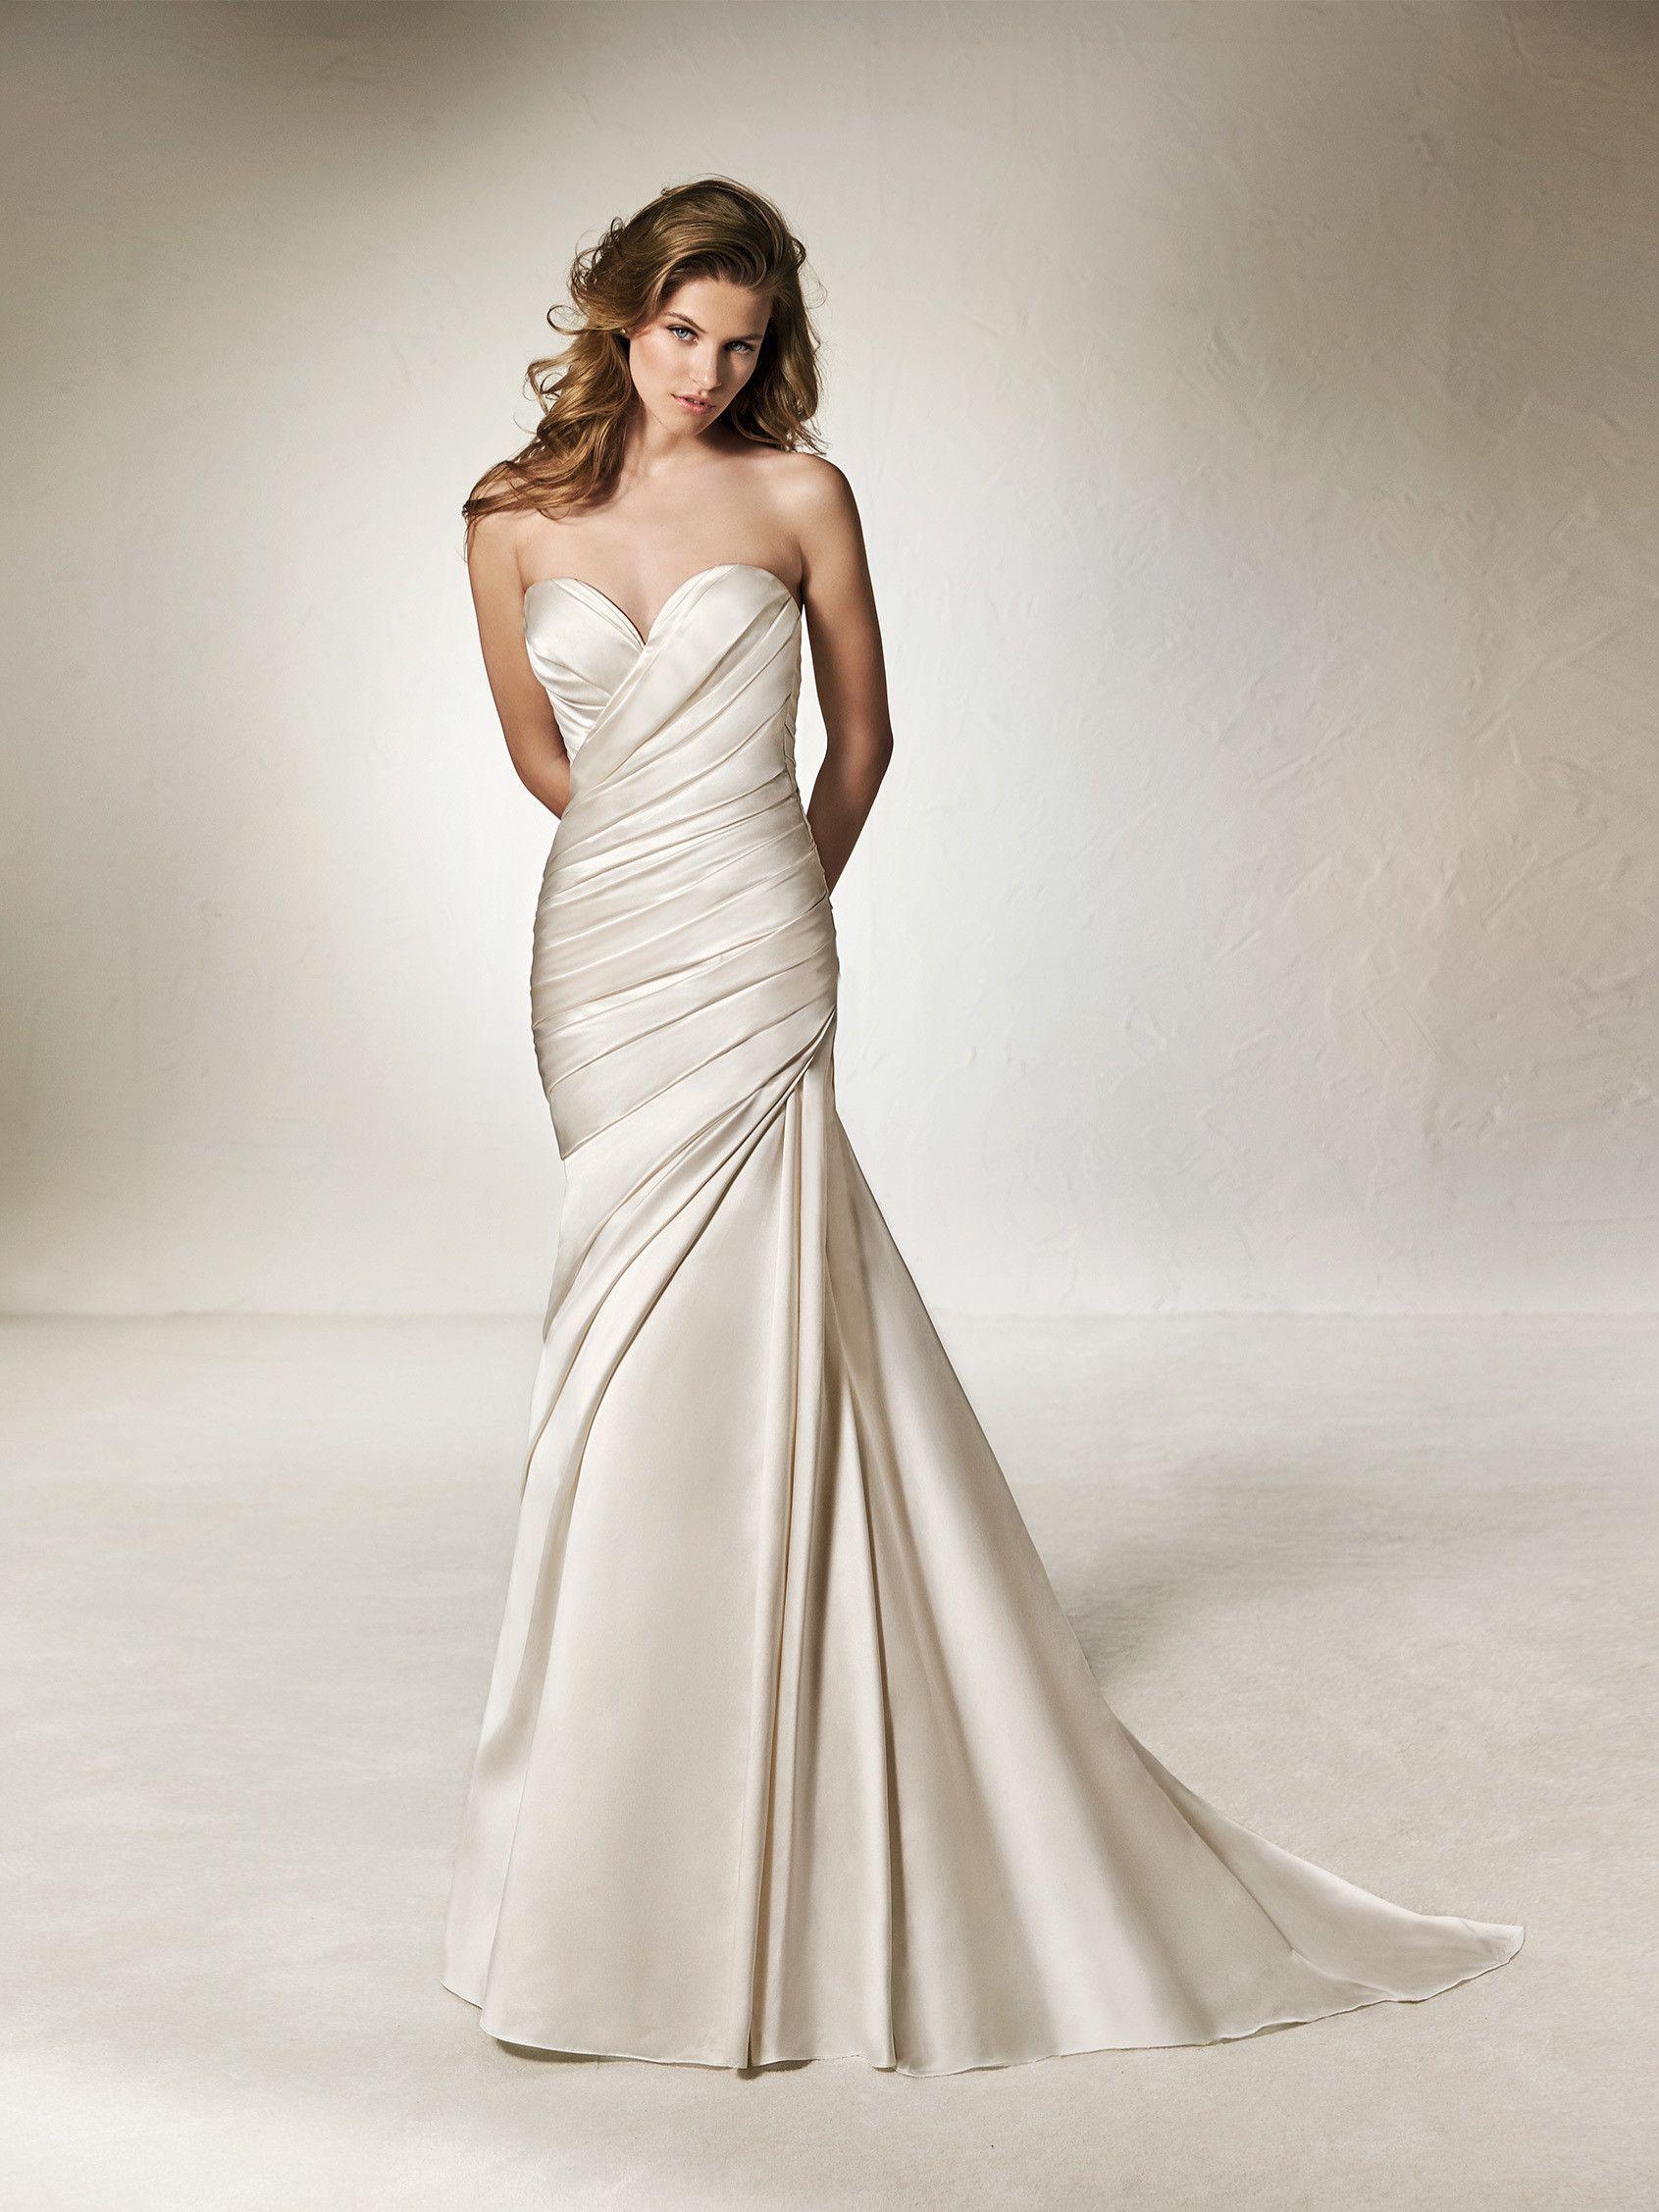 Chantal sensual feminine wedding dress with a mermaid design in